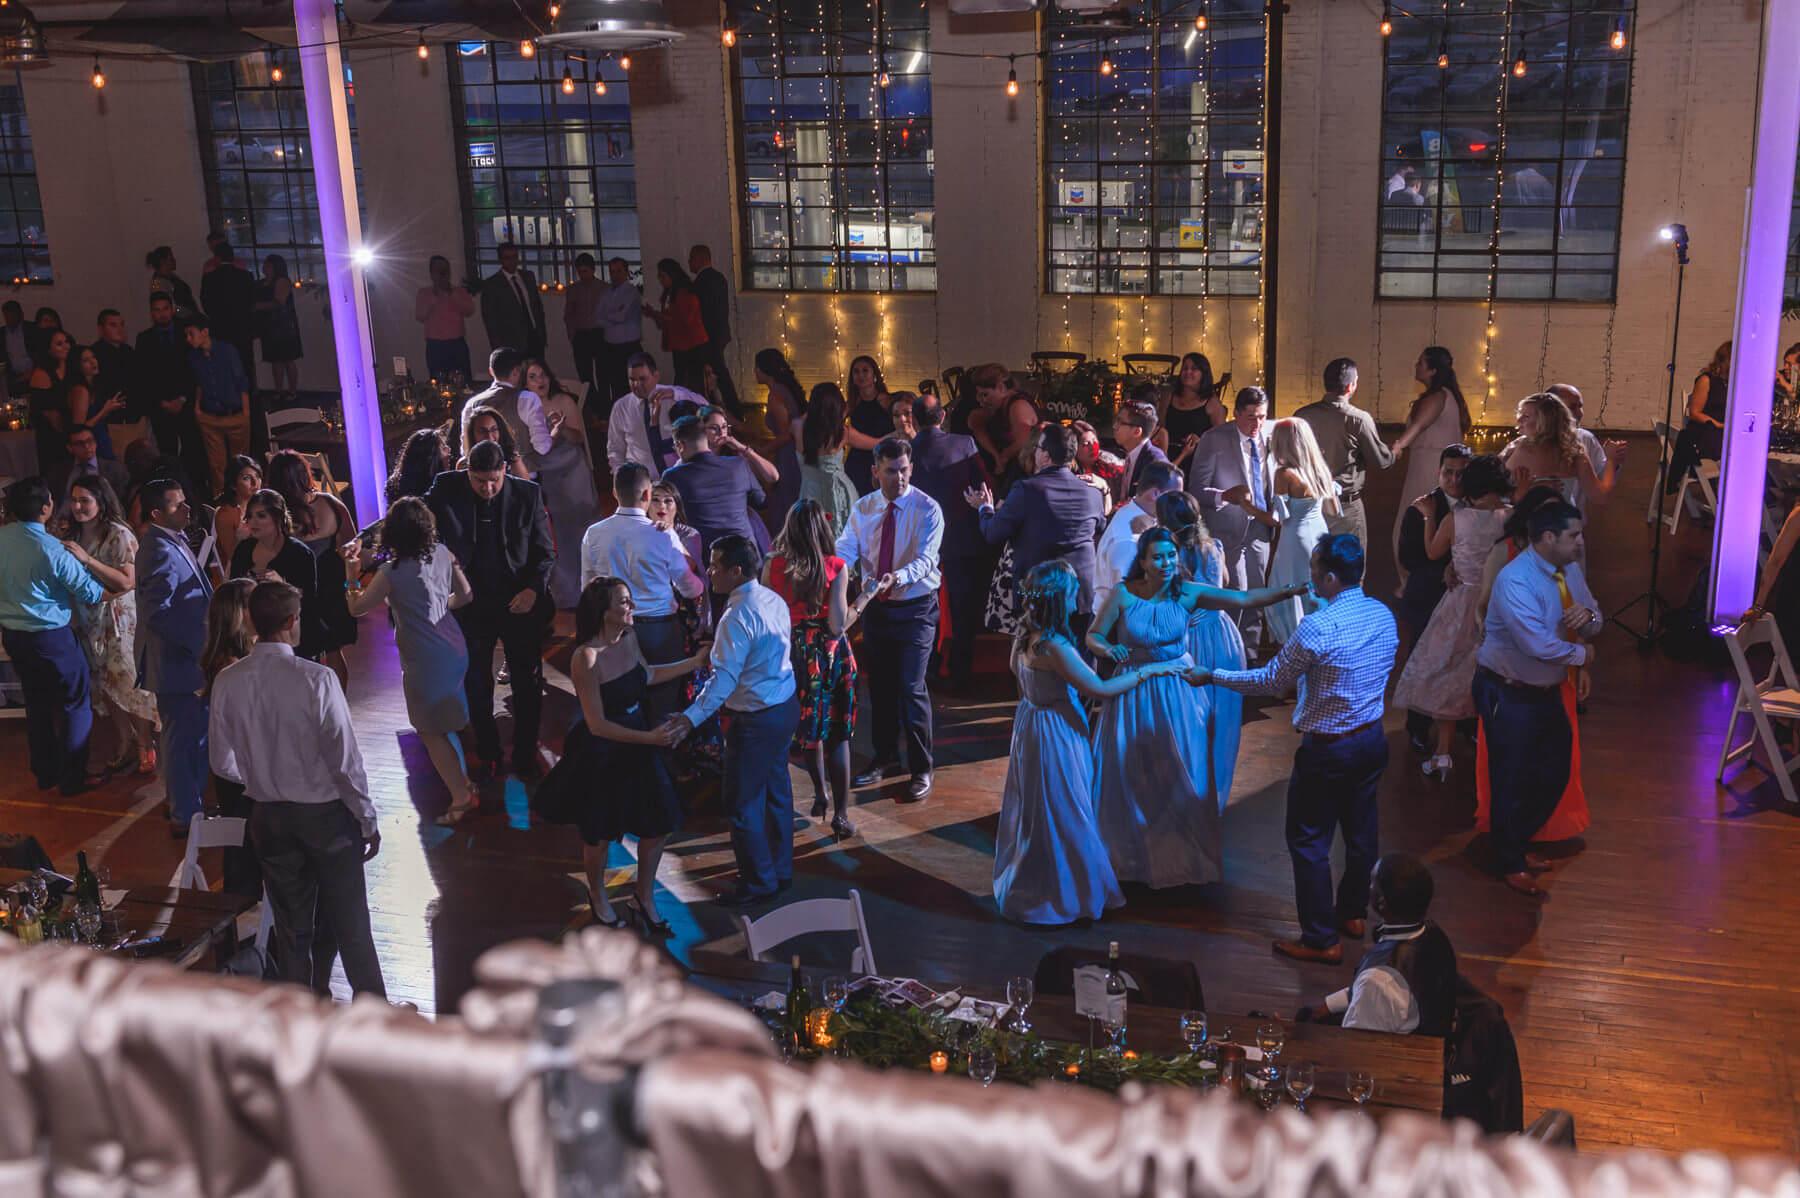 Dance floor with guests dancing